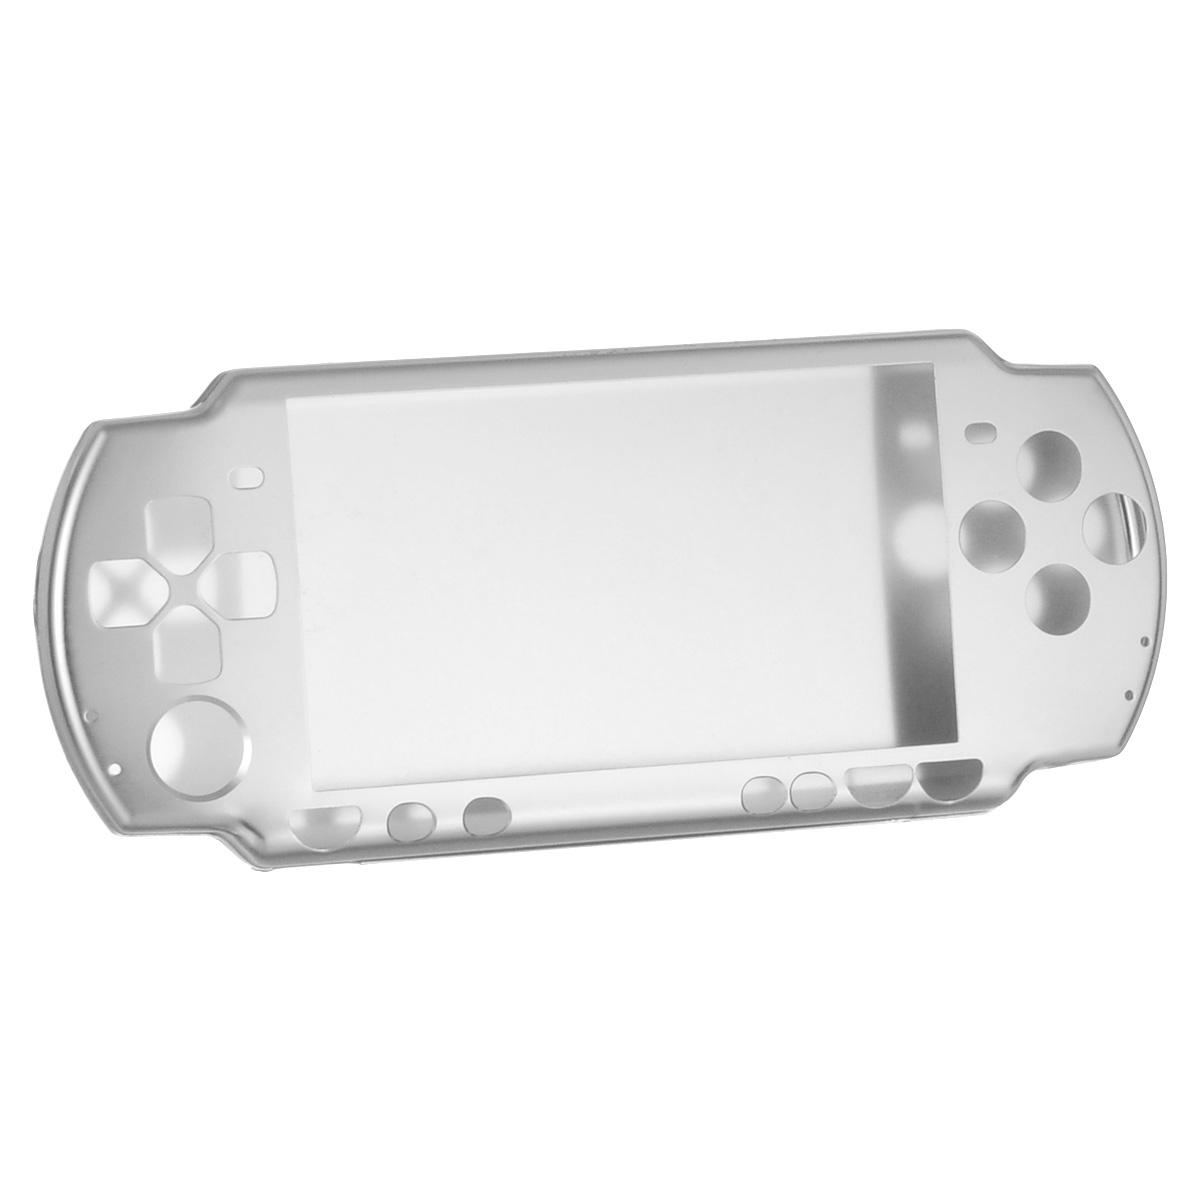 Алюминиевый защитный корпус Game Guru для Sony PSP 2000/3000 (серебряный) repair parts replacement analogue stick module for psp slim 2000 red